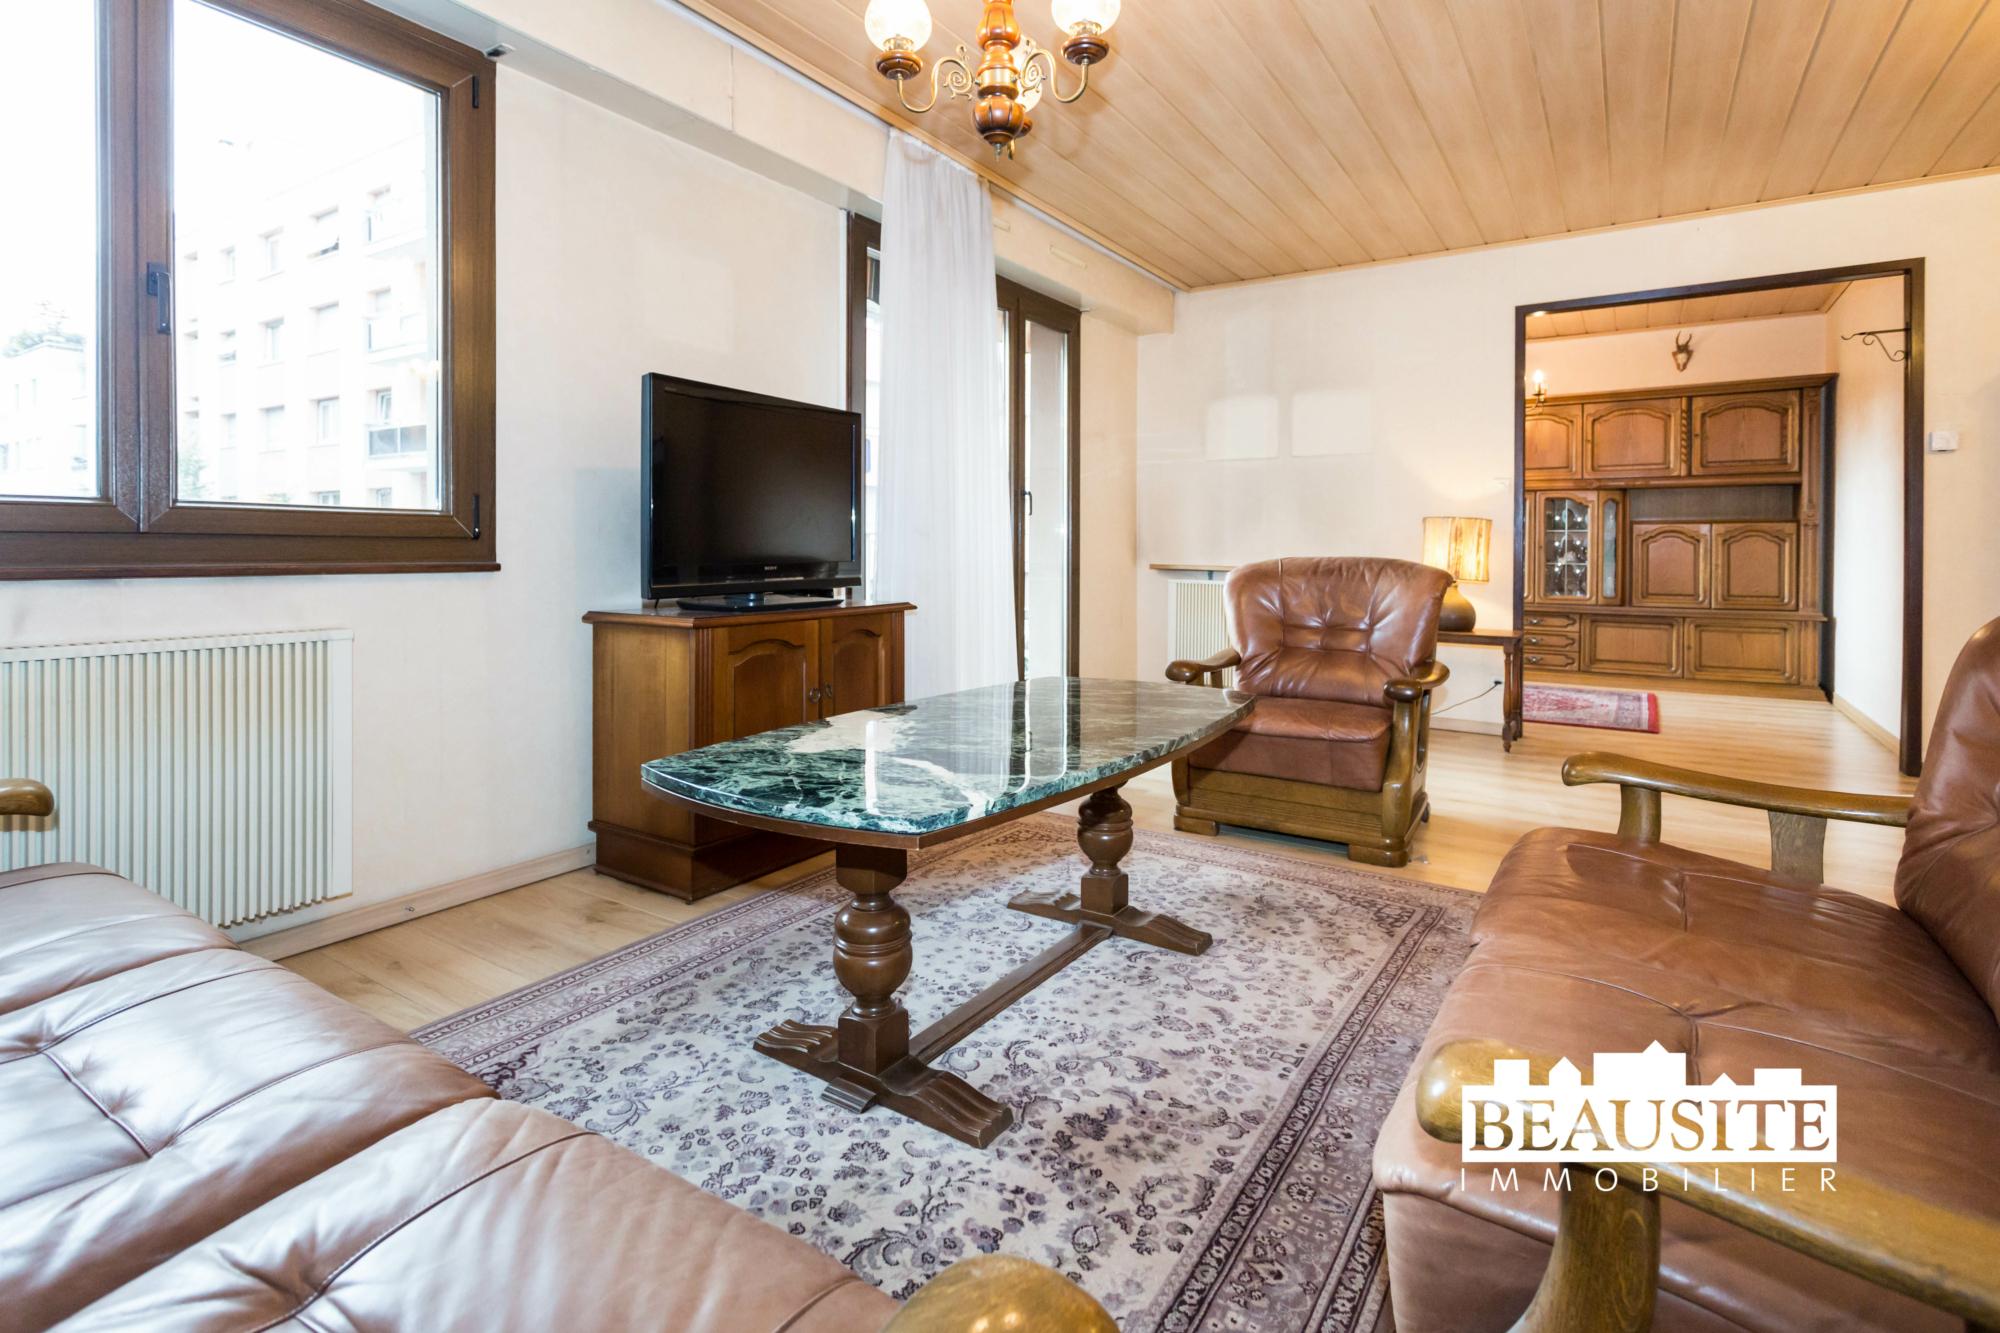 [Tonton] Un appartement familial avec balcon et garage - Neudorf / rue Saint-Amarin - nos ventes - Beausite Immobilier 6